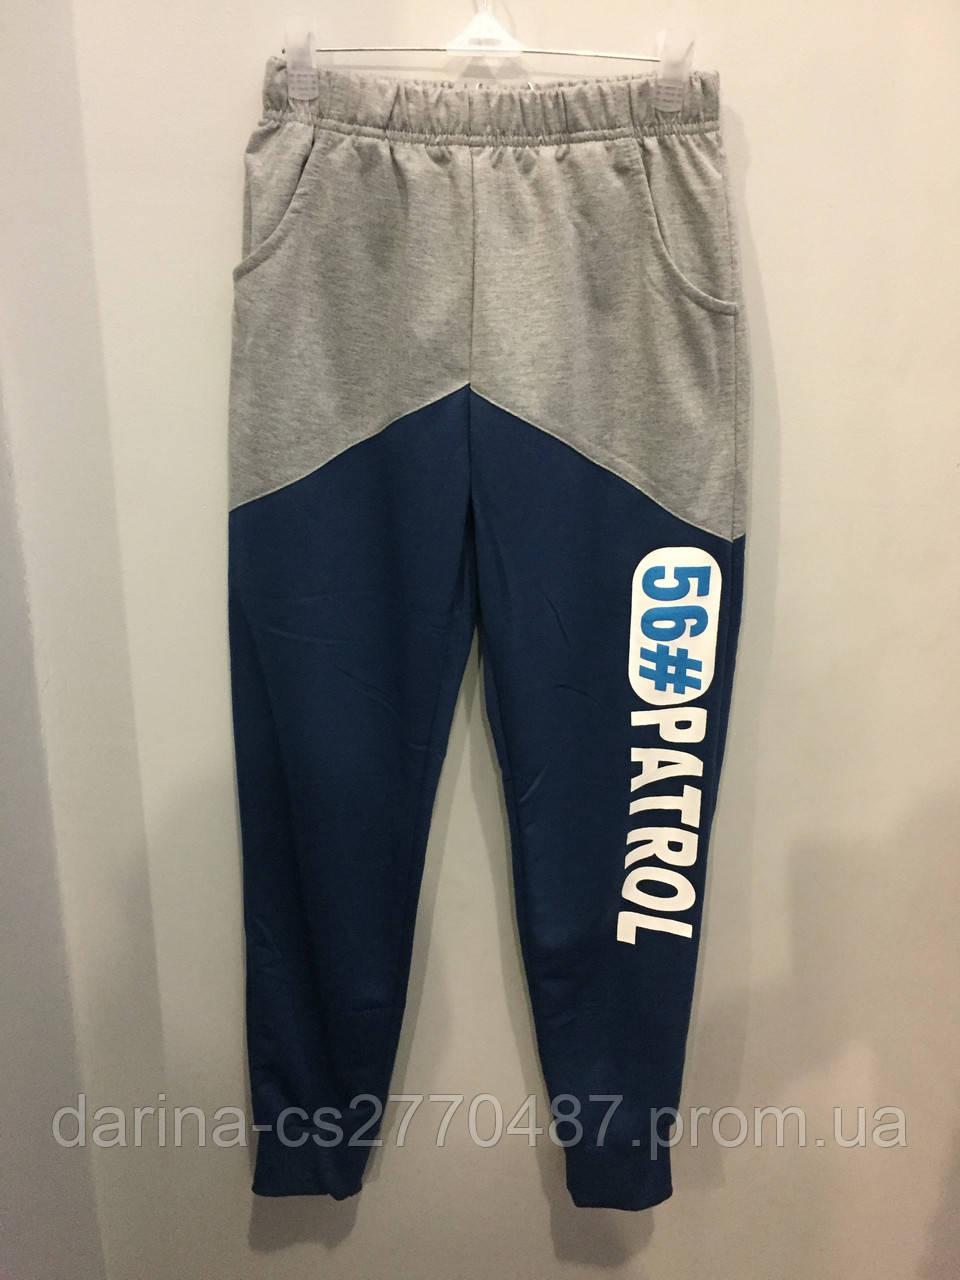 Спортивные штаны на мальчика подростка 134,146 см